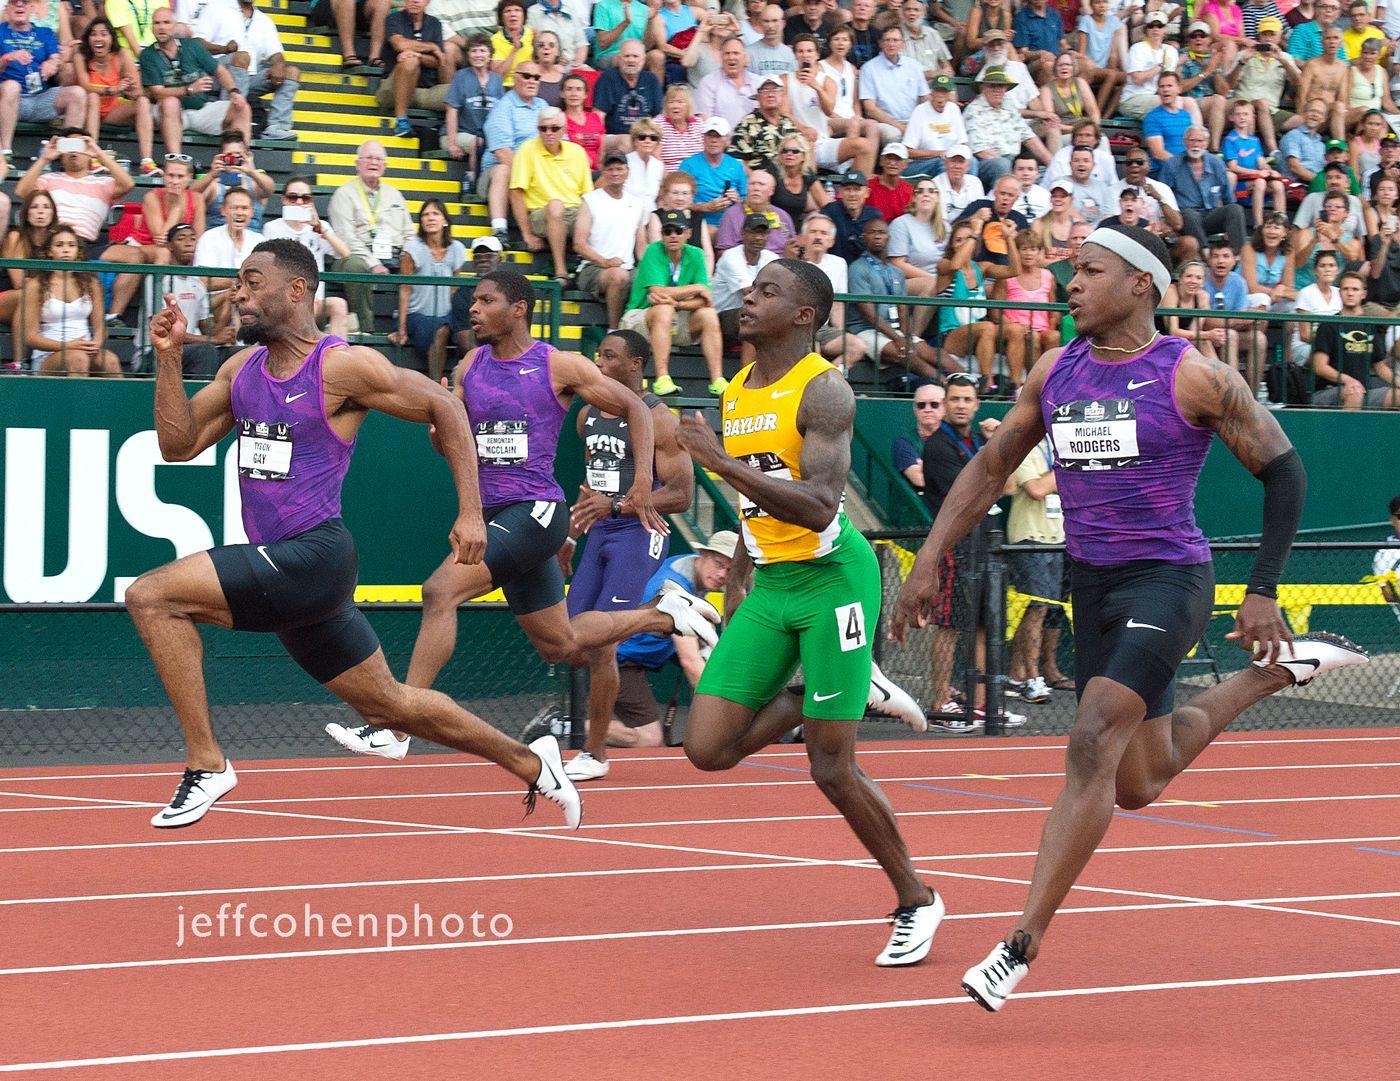 1r2015_usaoutdoors_100mm_final_gay_jeff_cohen1926_web.jpg